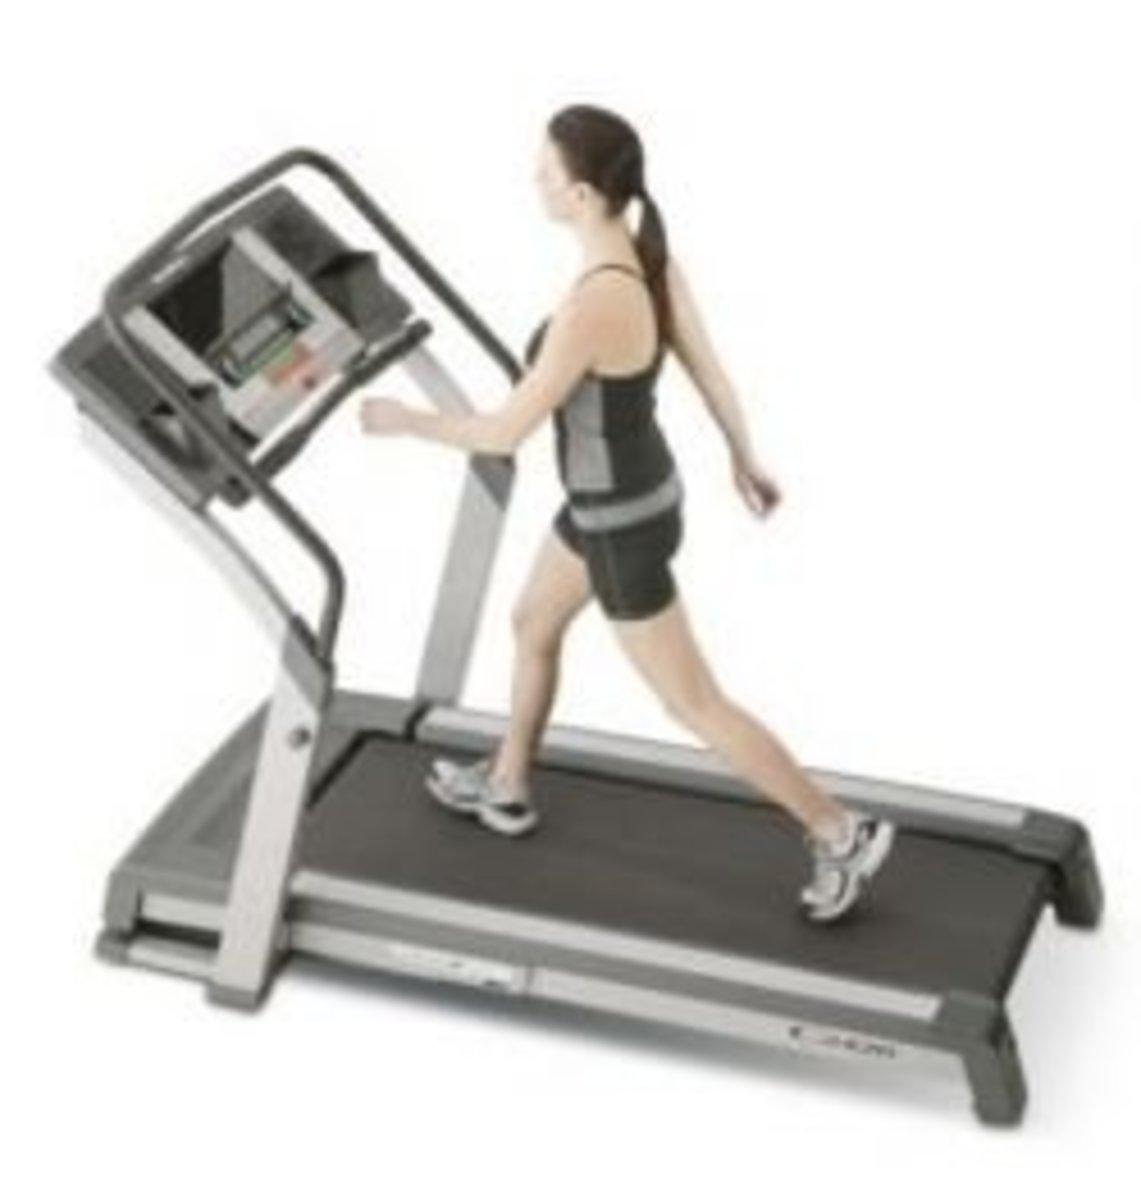 Nordic Track C2420 Treadmill